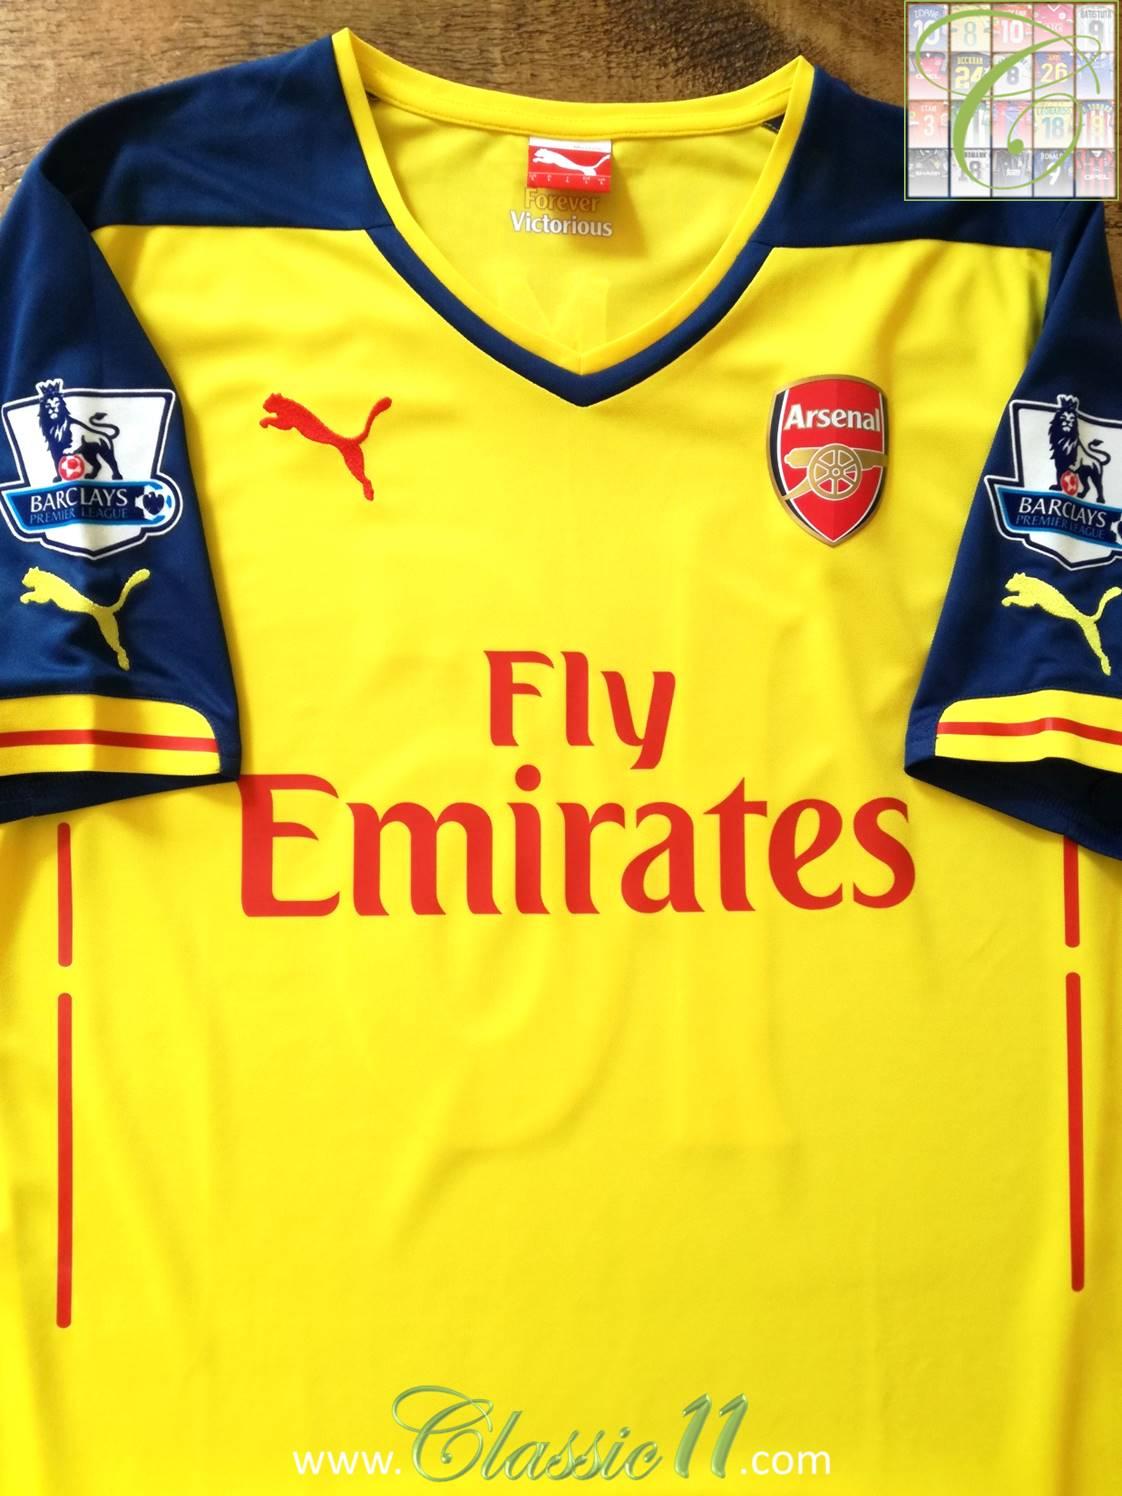 f3f0bde00da Buy Arsenal Home Shirt 2014 15 - DREAMWORKS